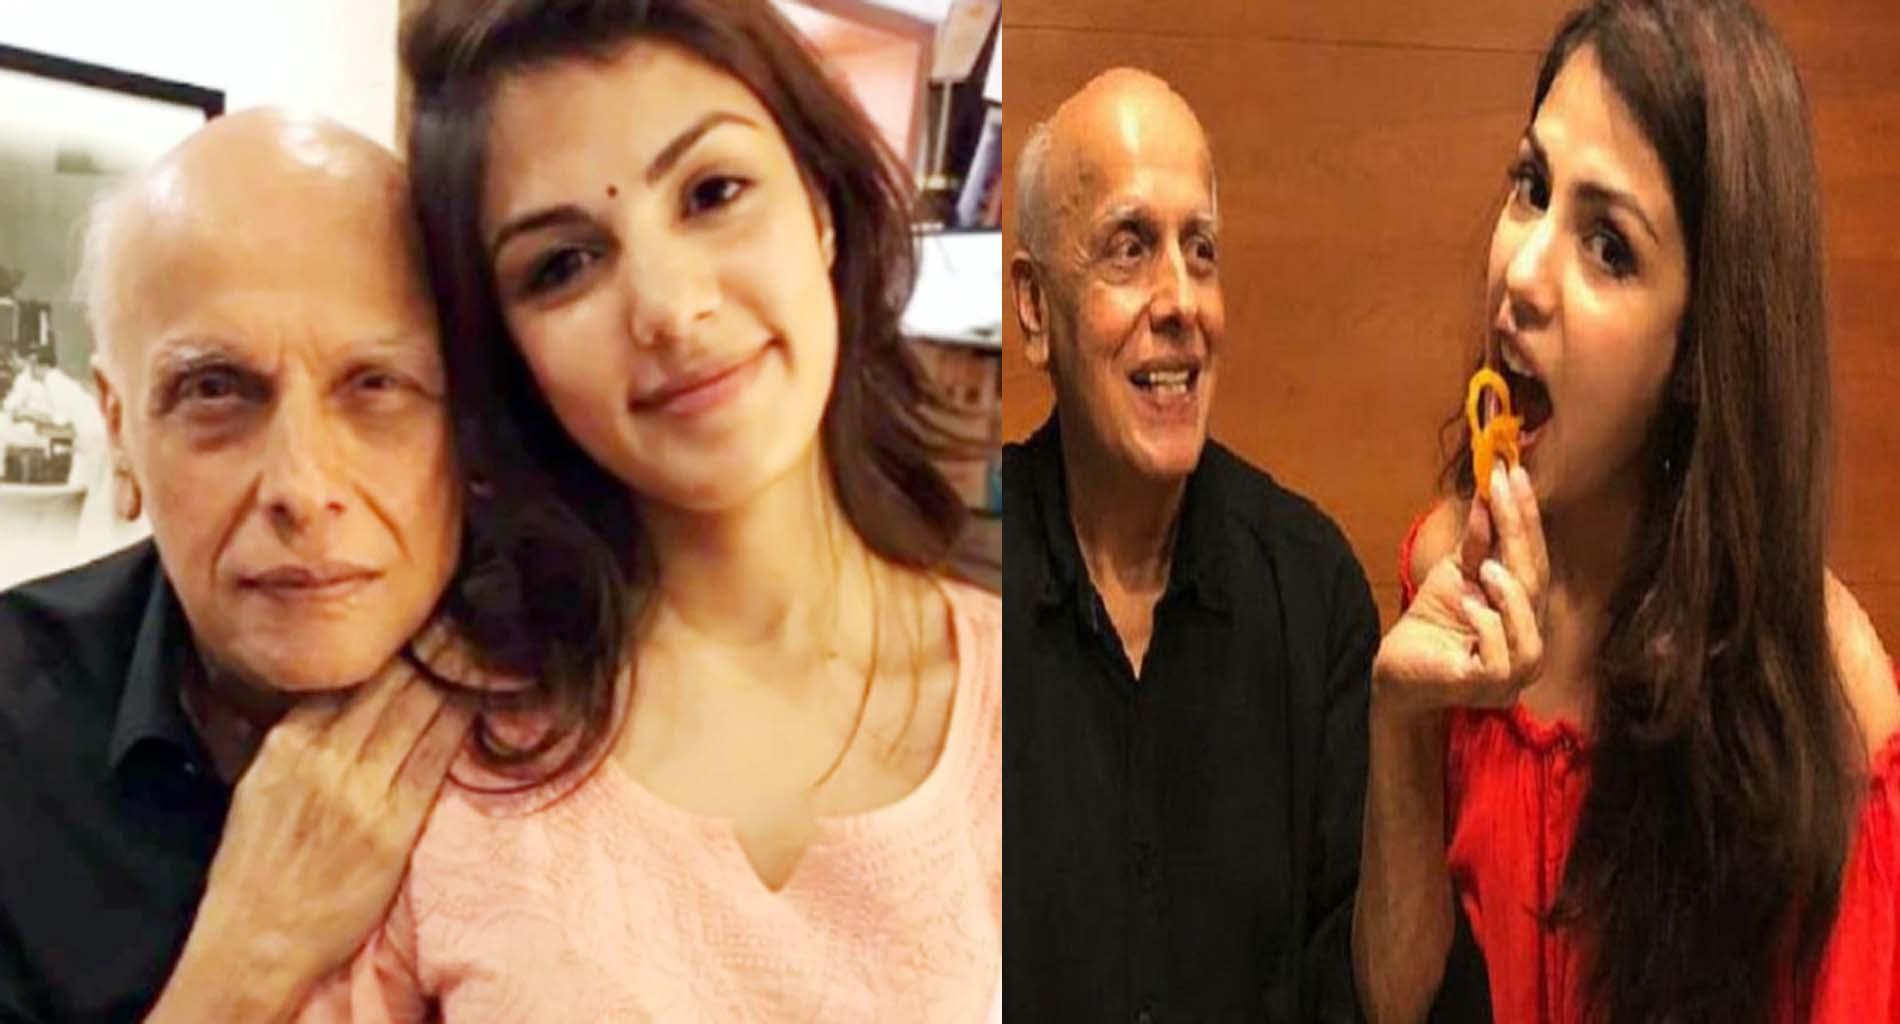 रिया चक्रवर्ती ने महेश भट्ट के साथ रिश्ते को लेकर कही ये बात! 'मुझे उनकी गर्लफ्रेंड बना दिया'